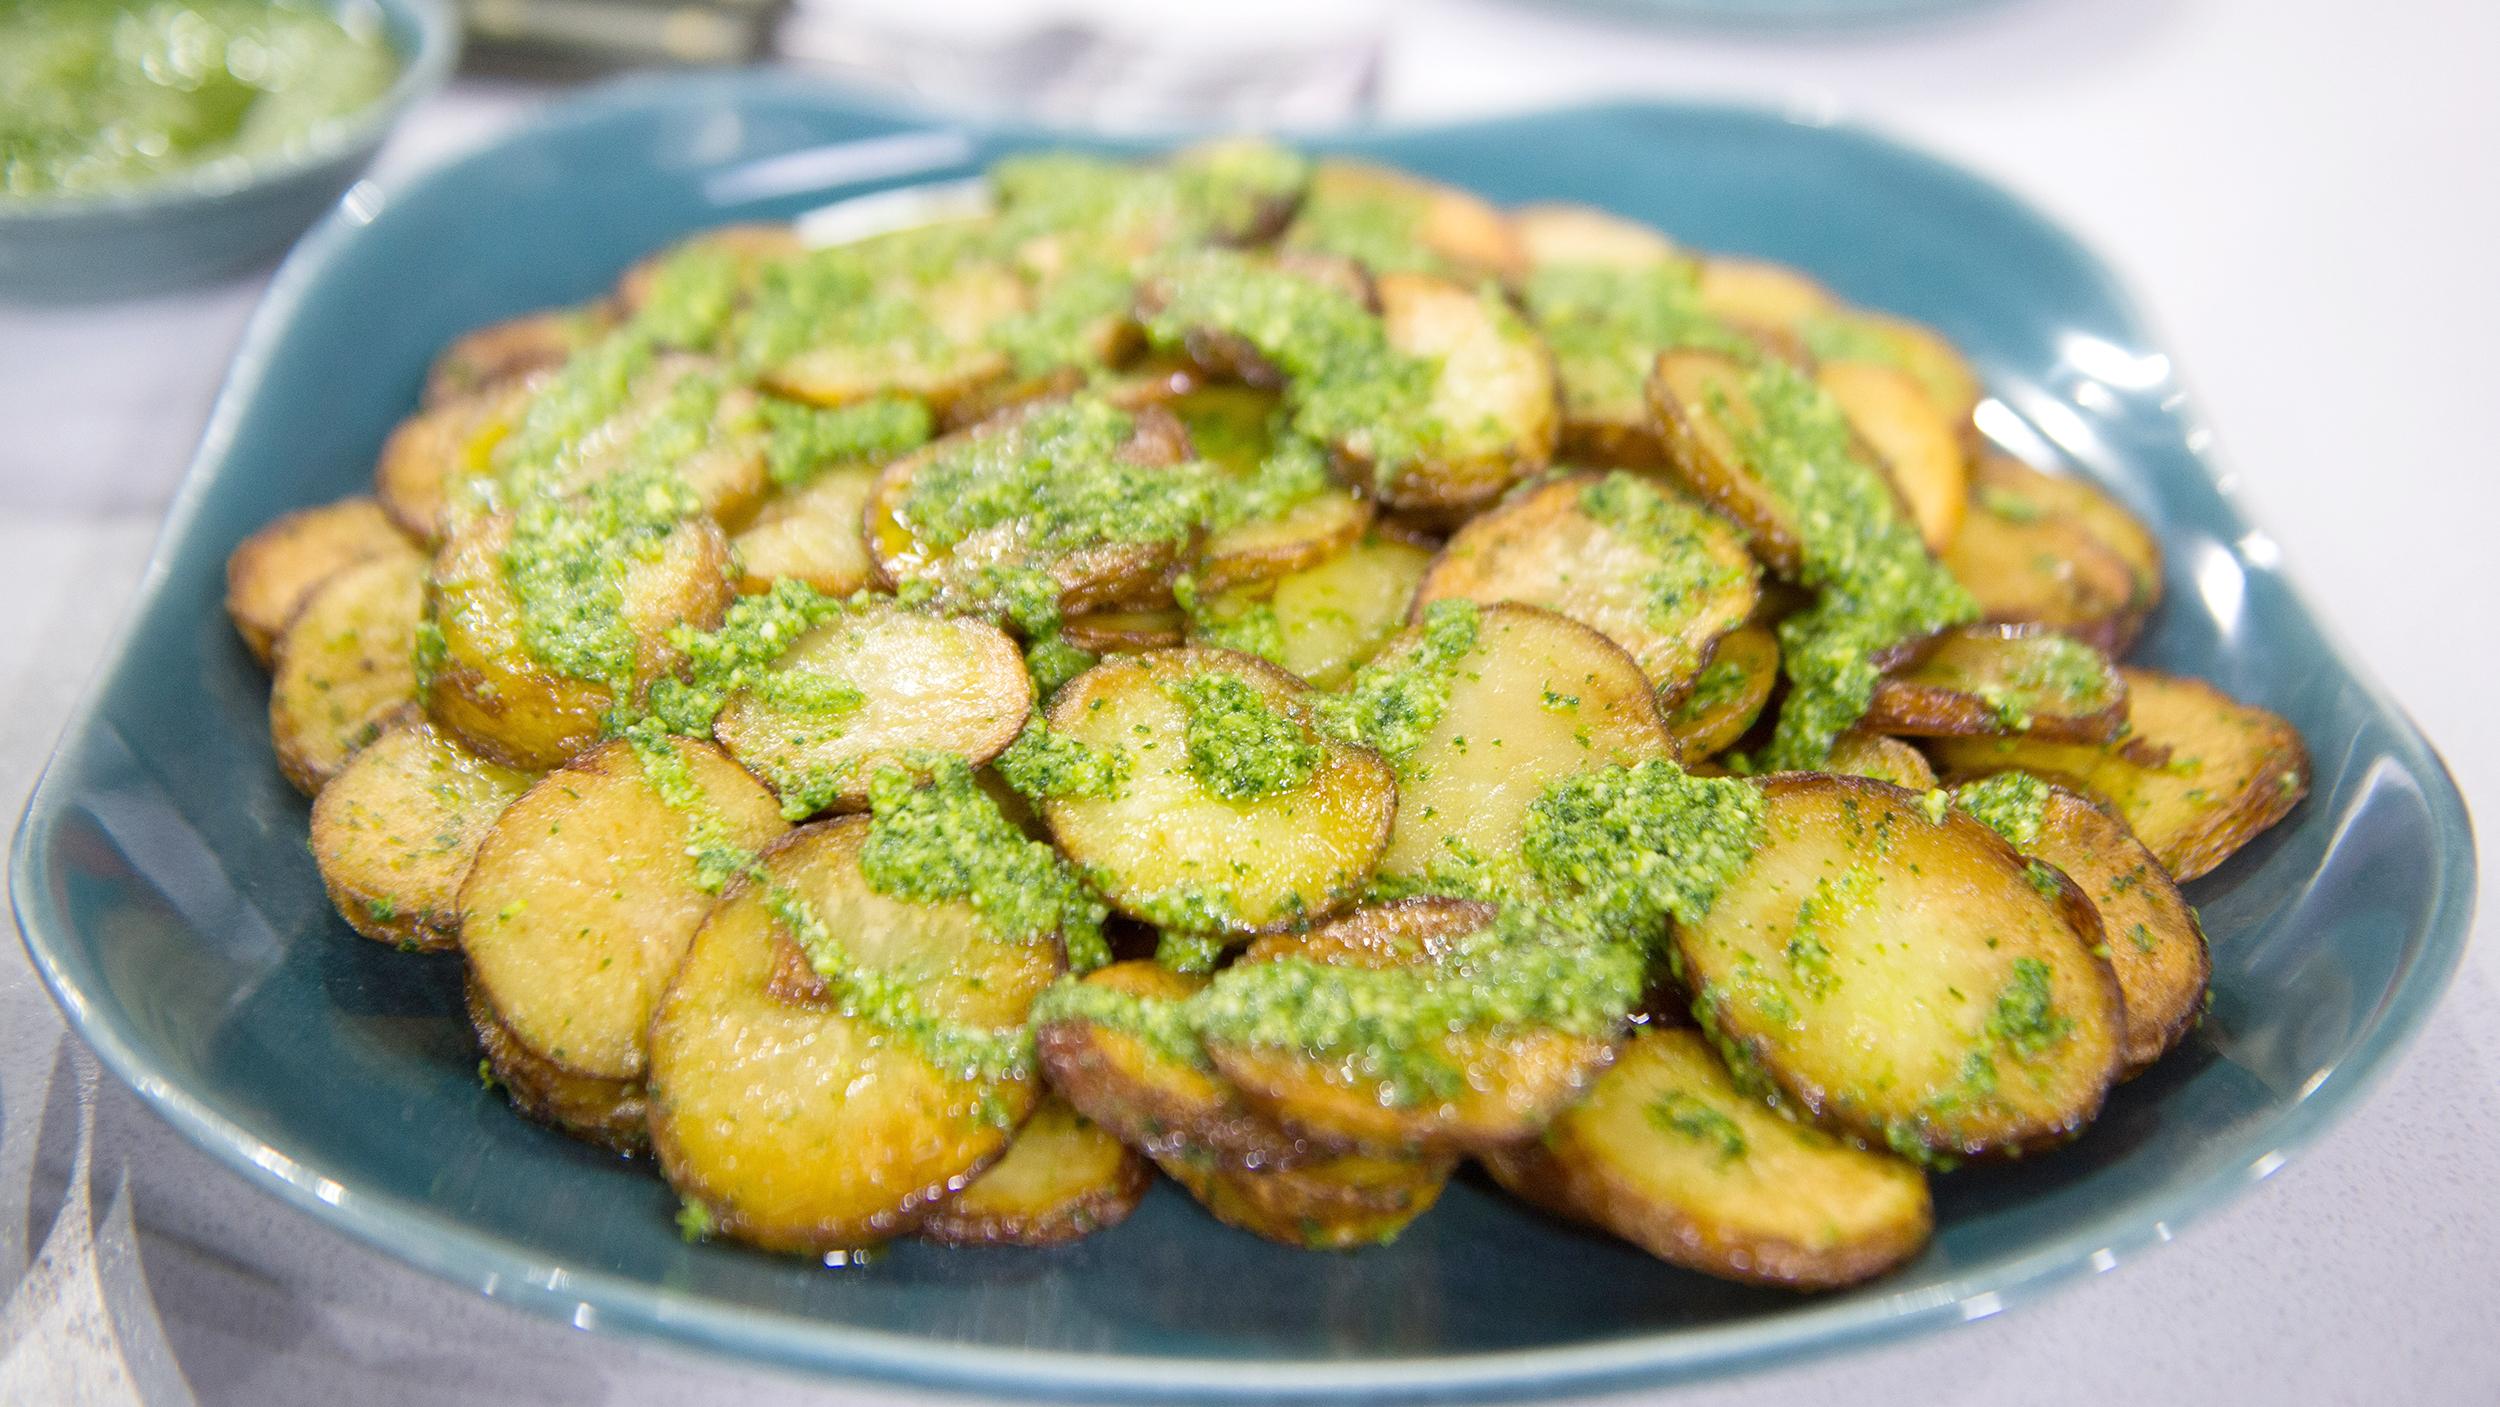 bobby flay green onion potato salad